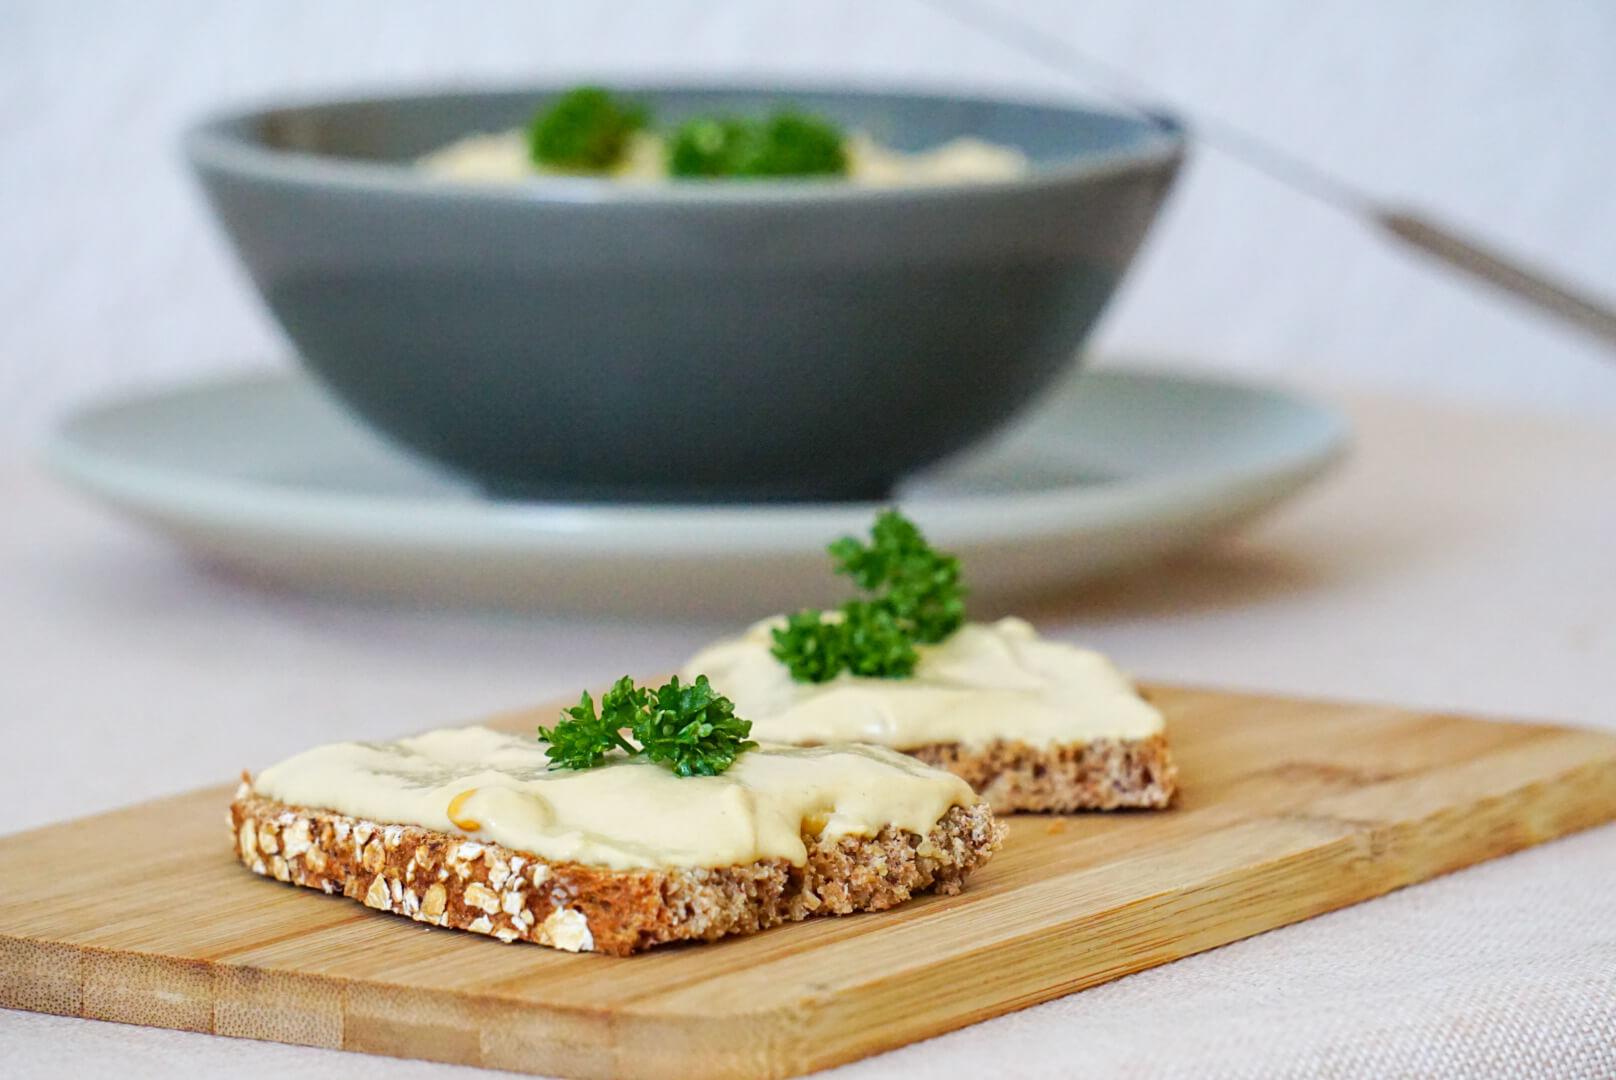 Zwei Brote mit Hummus liegen auf einem Holzbrettchen. Dahinter steht eine Schale mit Hummus. Zubereitet nach Hummus Rezept